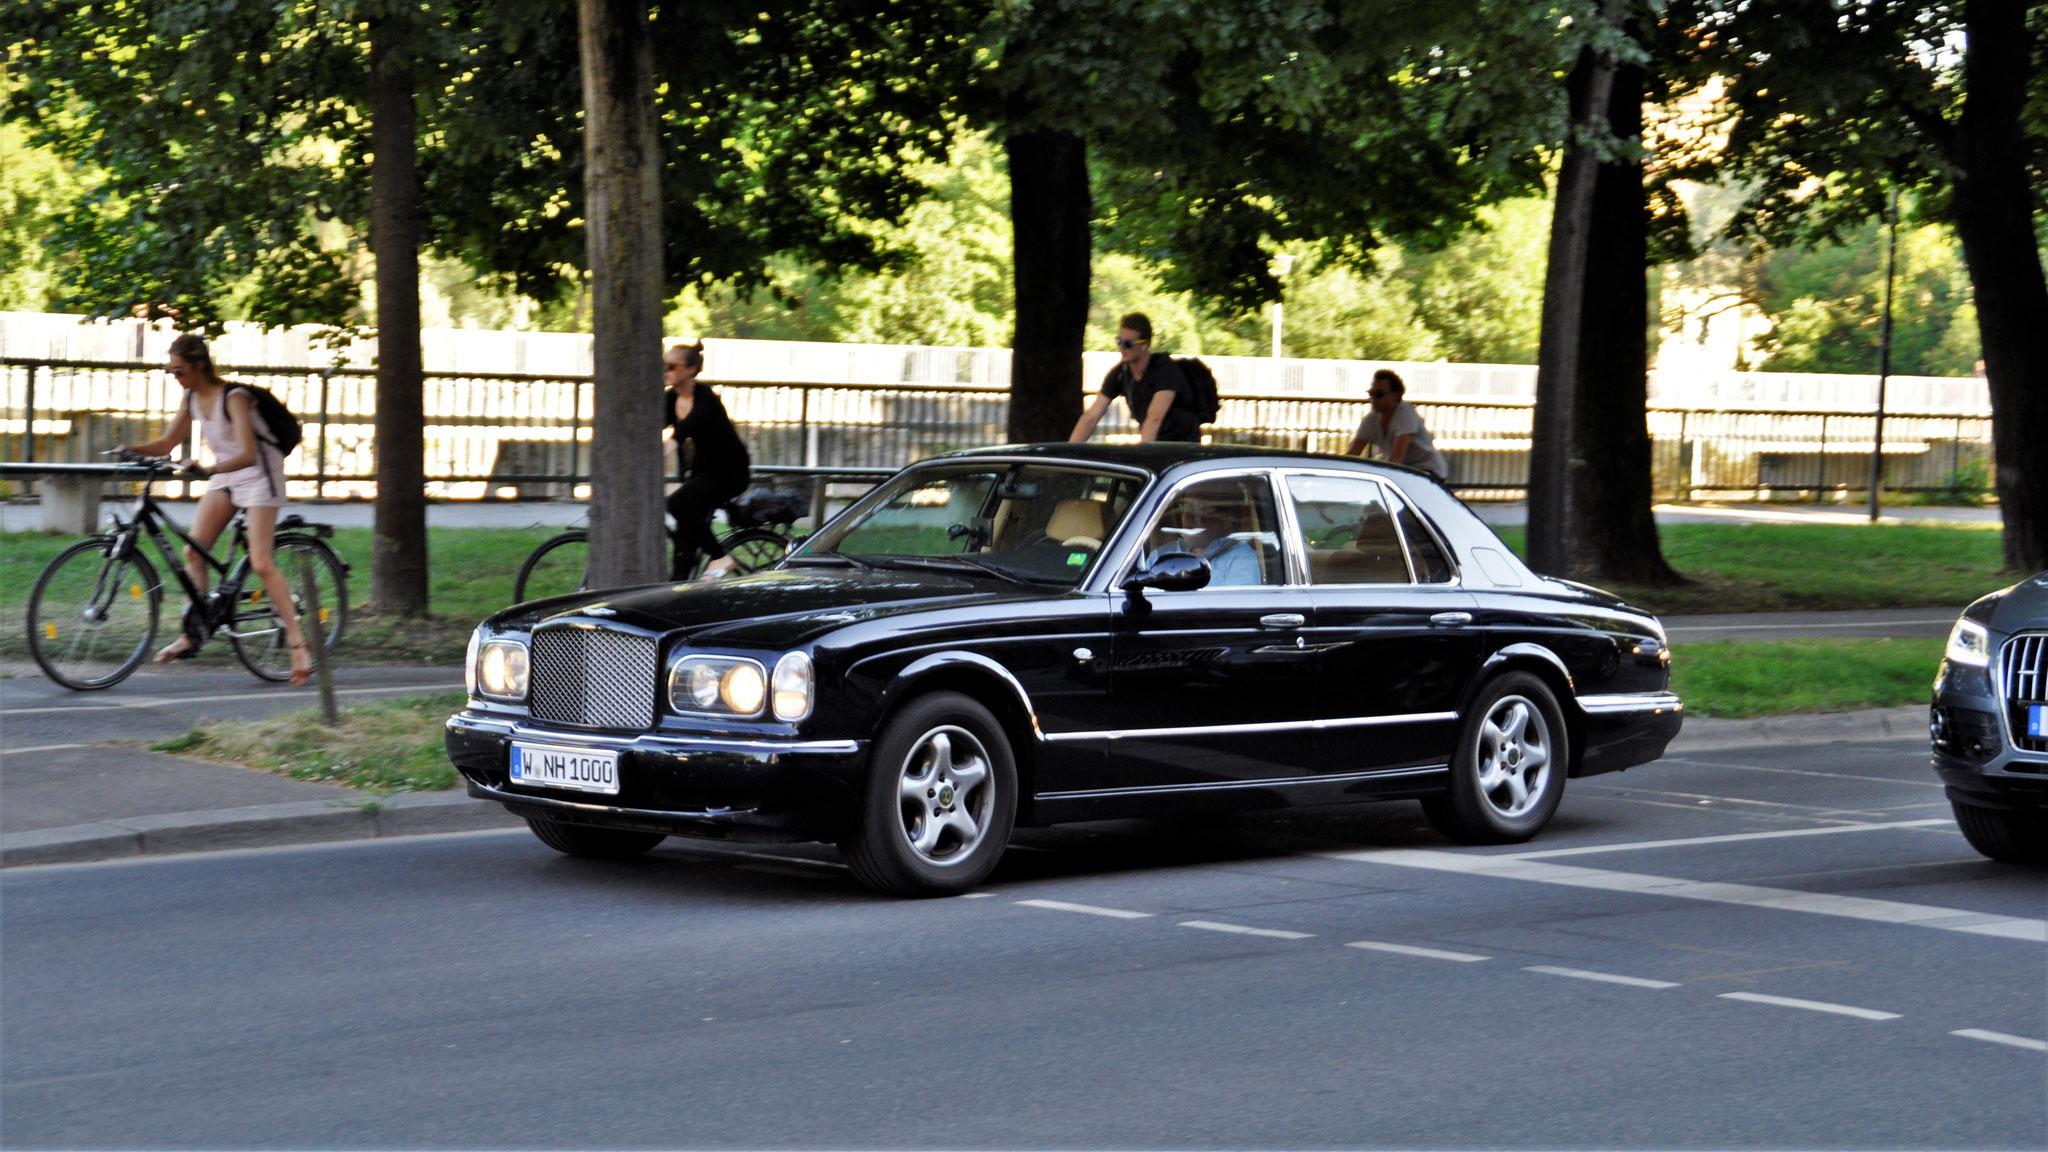 Bentley Arnage - W-NH-1000